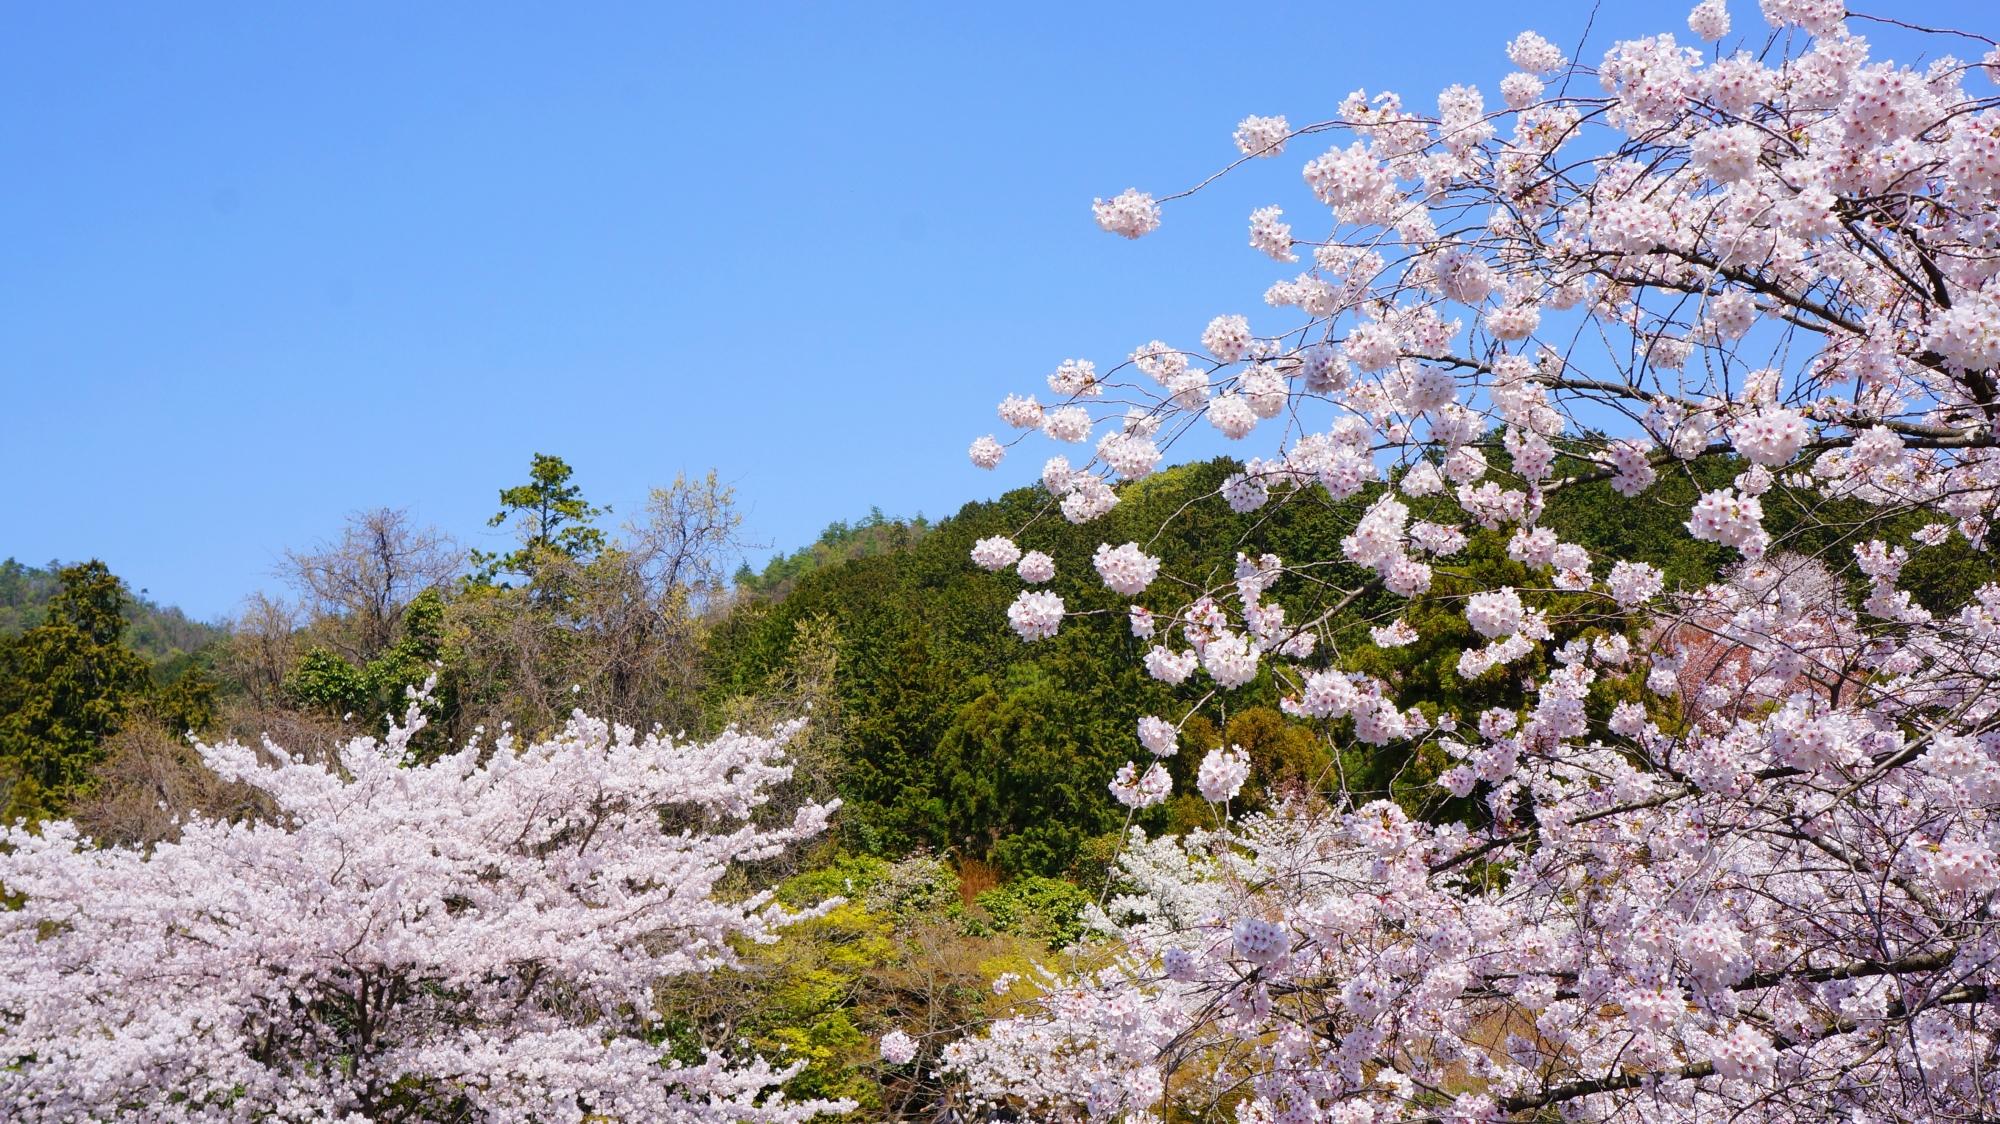 龍安寺の素晴らしい桜と春の情景